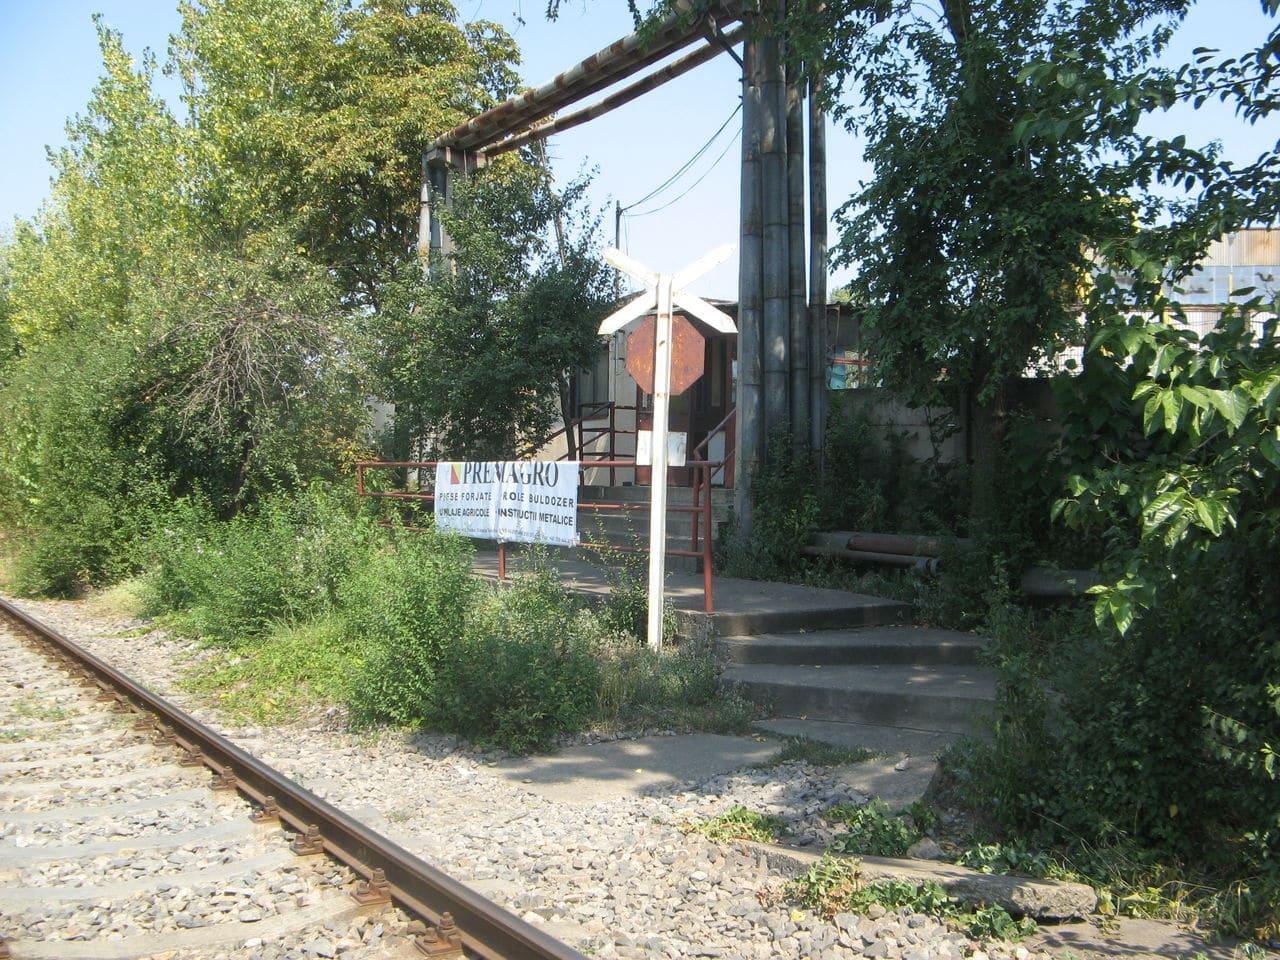 Calea ferată directă Oradea Vest - Episcopia Bihor IMG_0047